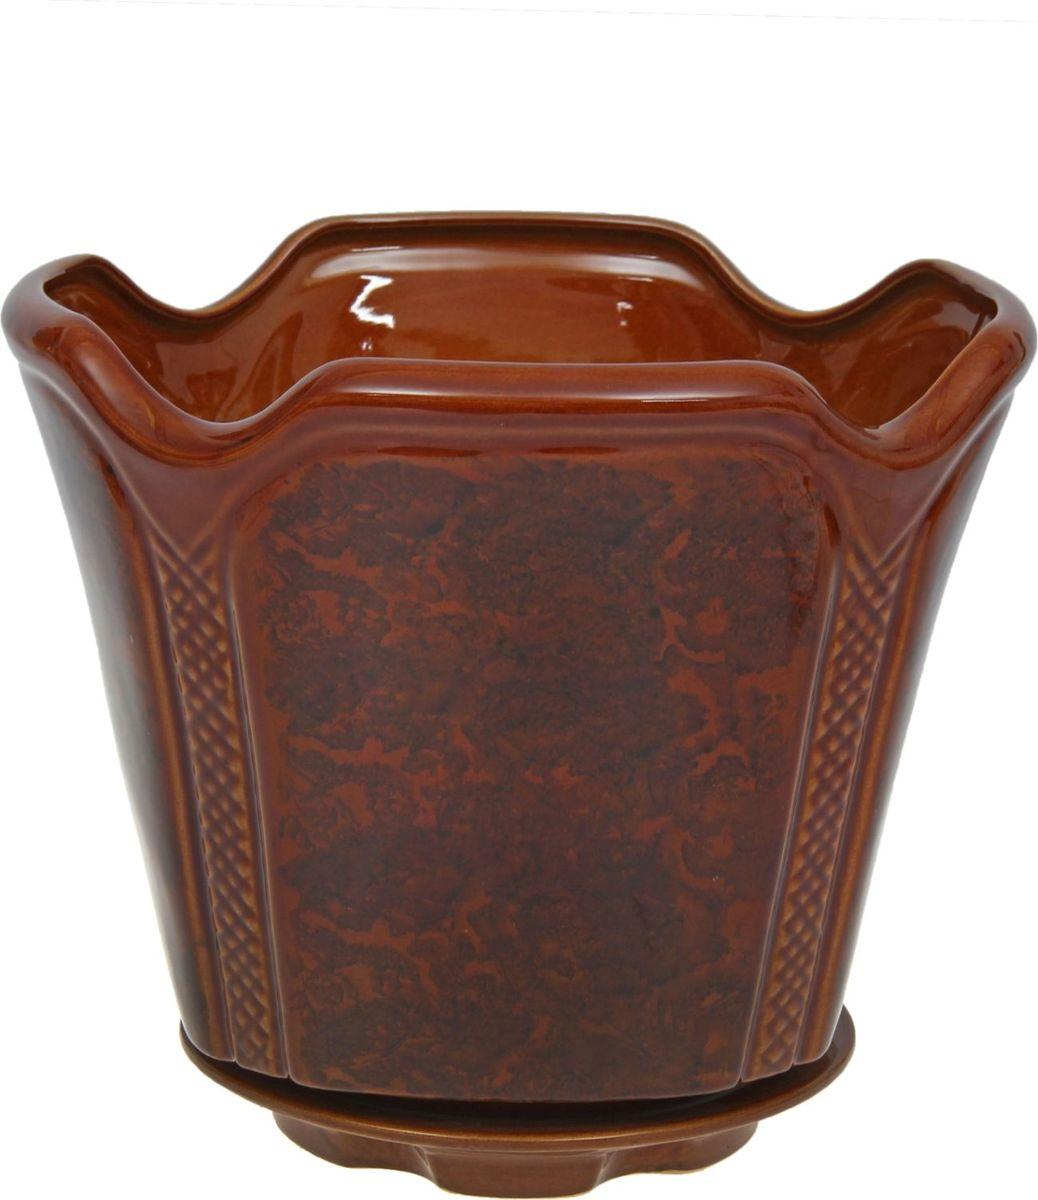 Кашпо Готика, цвет: коричневый, 7,1 л1136758Комнатные растения — всеобщие любимцы. Они радуют глаз, насыщают помещение кислородом и украшают пространство. Каждому из них необходим свой удобный и красивый дом. Кашпо из керамики прекрасно подходят для высадки растений: за счёт пластичности глины и разных способов обработки существует великое множество форм и дизайновпористый материал позволяет испаряться лишней влагевоздух, необходимый для дыхания корней, проникает сквозь керамические стенки! #name# позаботится о зелёном питомце, освежит интерьер и подчеркнёт его стиль.